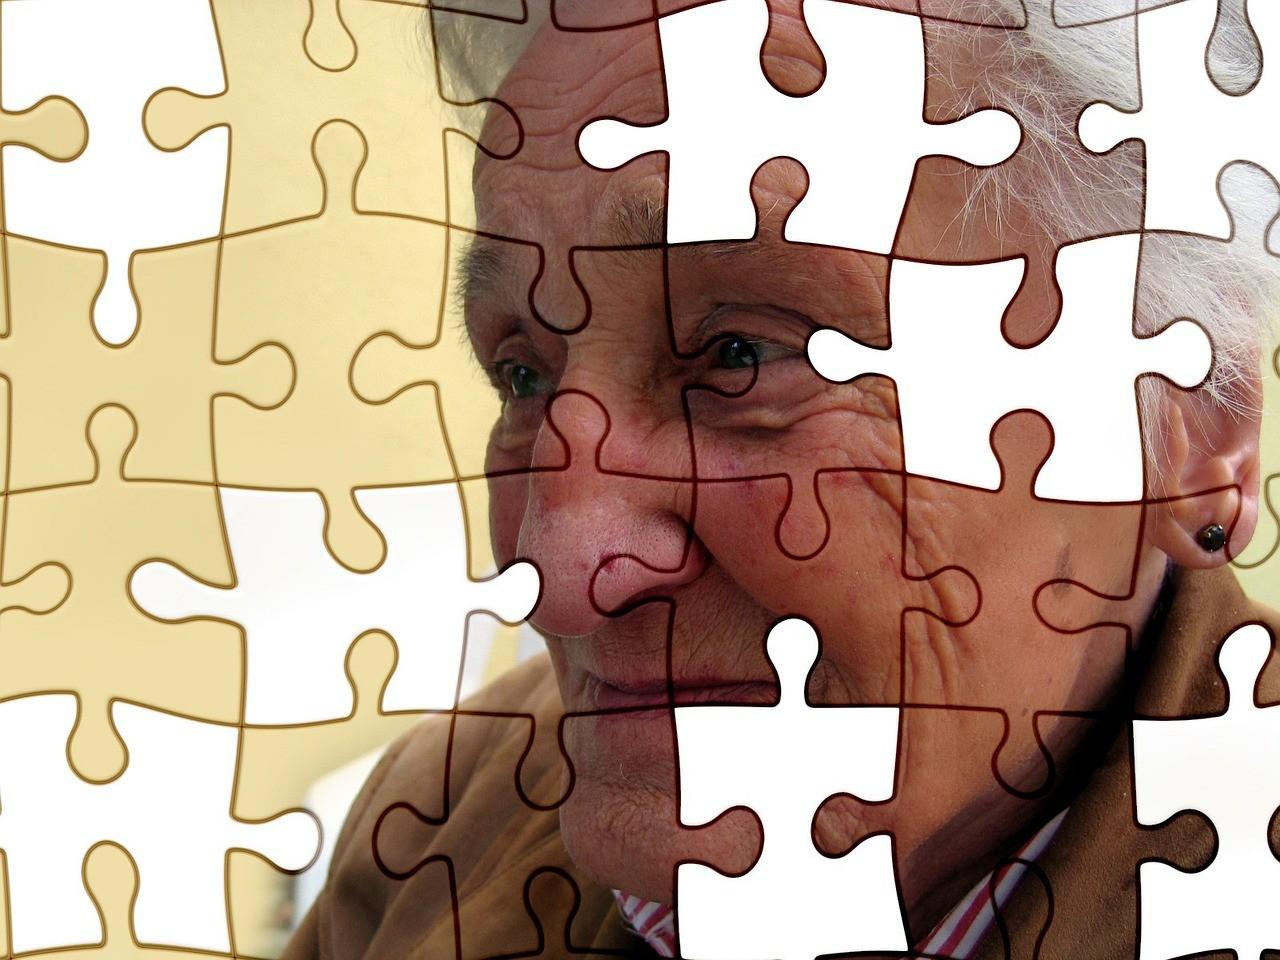 Wie gehen Menschen mit Demenz mit ihrer Erkrankung um?